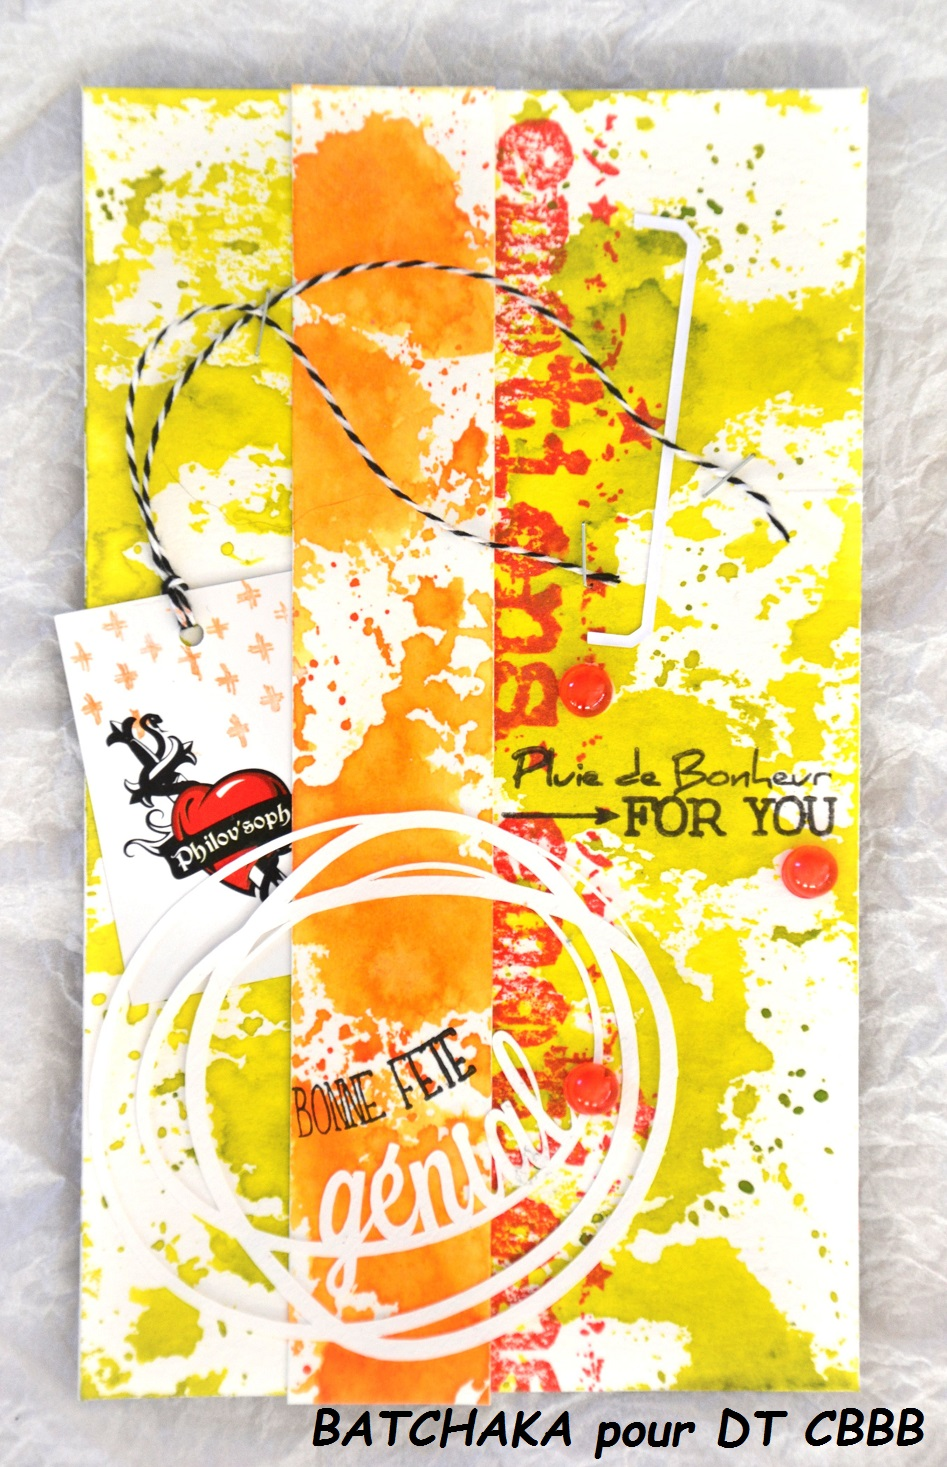 Défi #21 du 21 octobre : Bingo colors + galerie by Mannie - Page 2 Dsc_3915